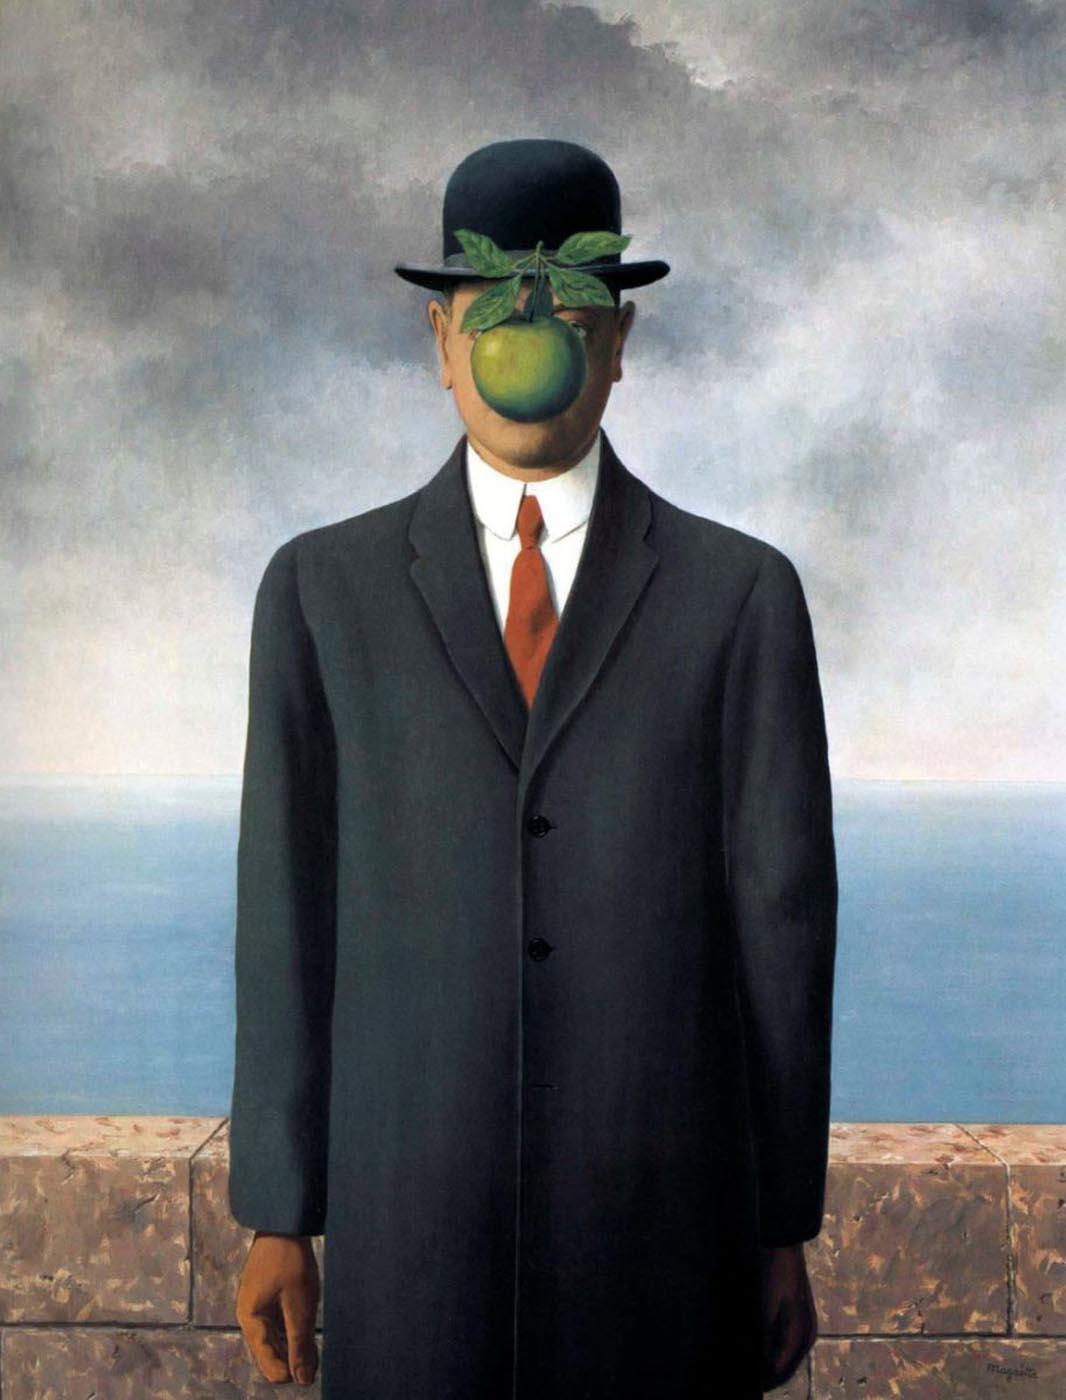 Сюрреализм: это простыми и понятными словами